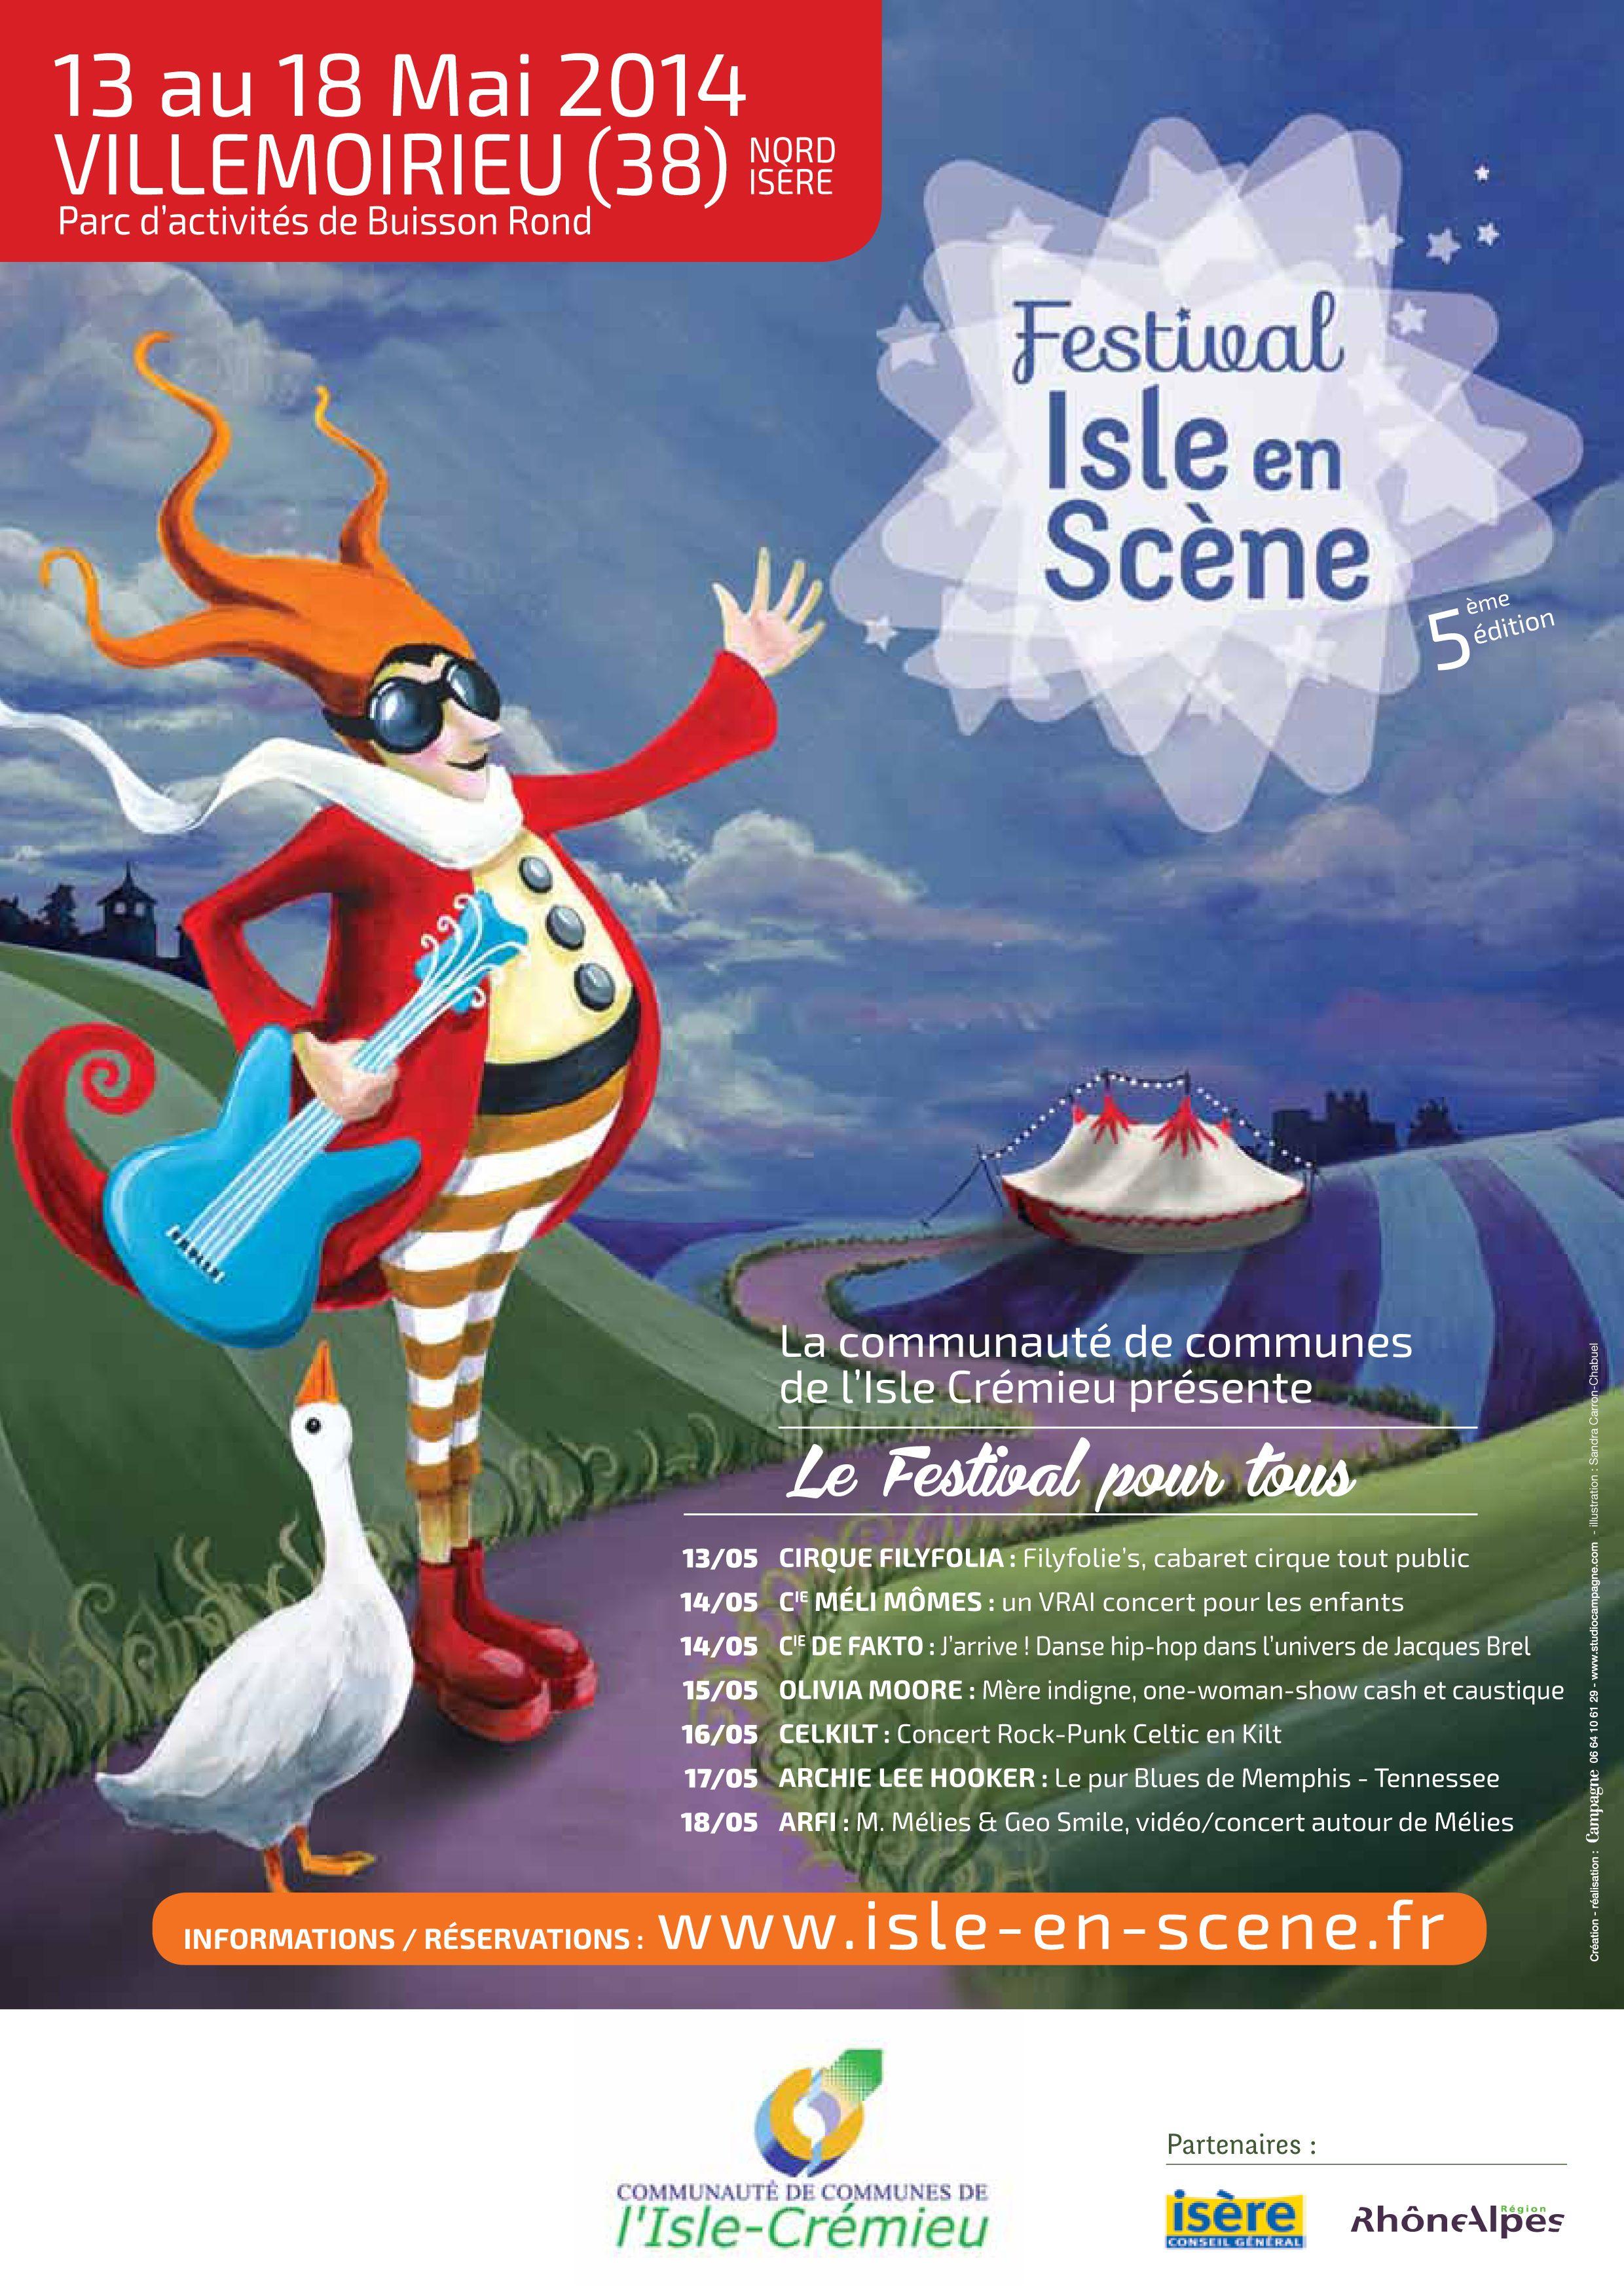 Affiche Festival Isle-en-Scène 2014 par Studio Campagne